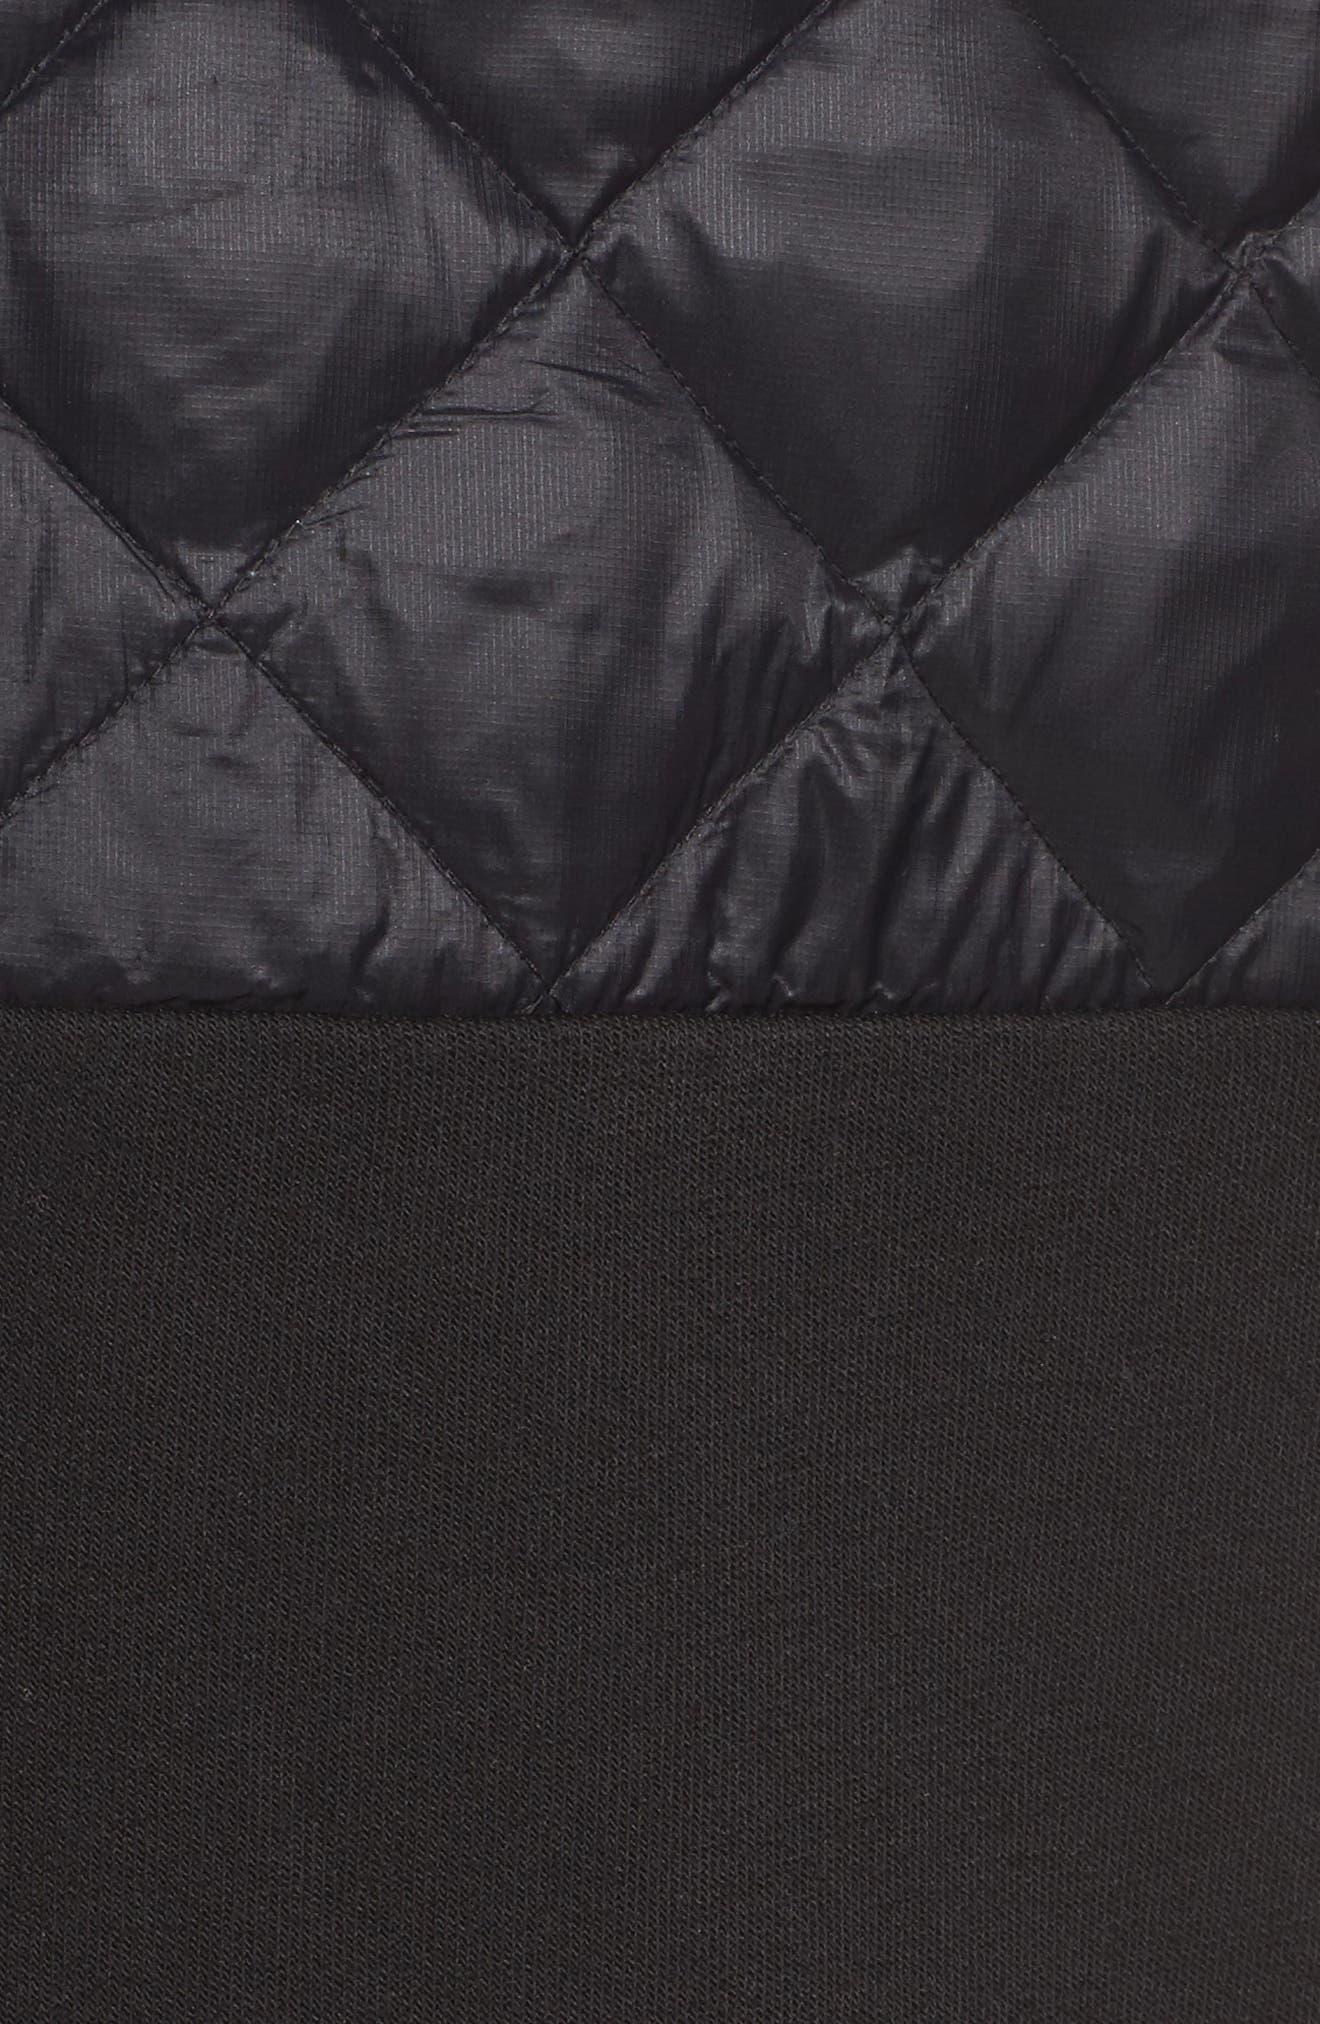 Great Escape Down Jacket,                             Alternate thumbnail 7, color,                             001